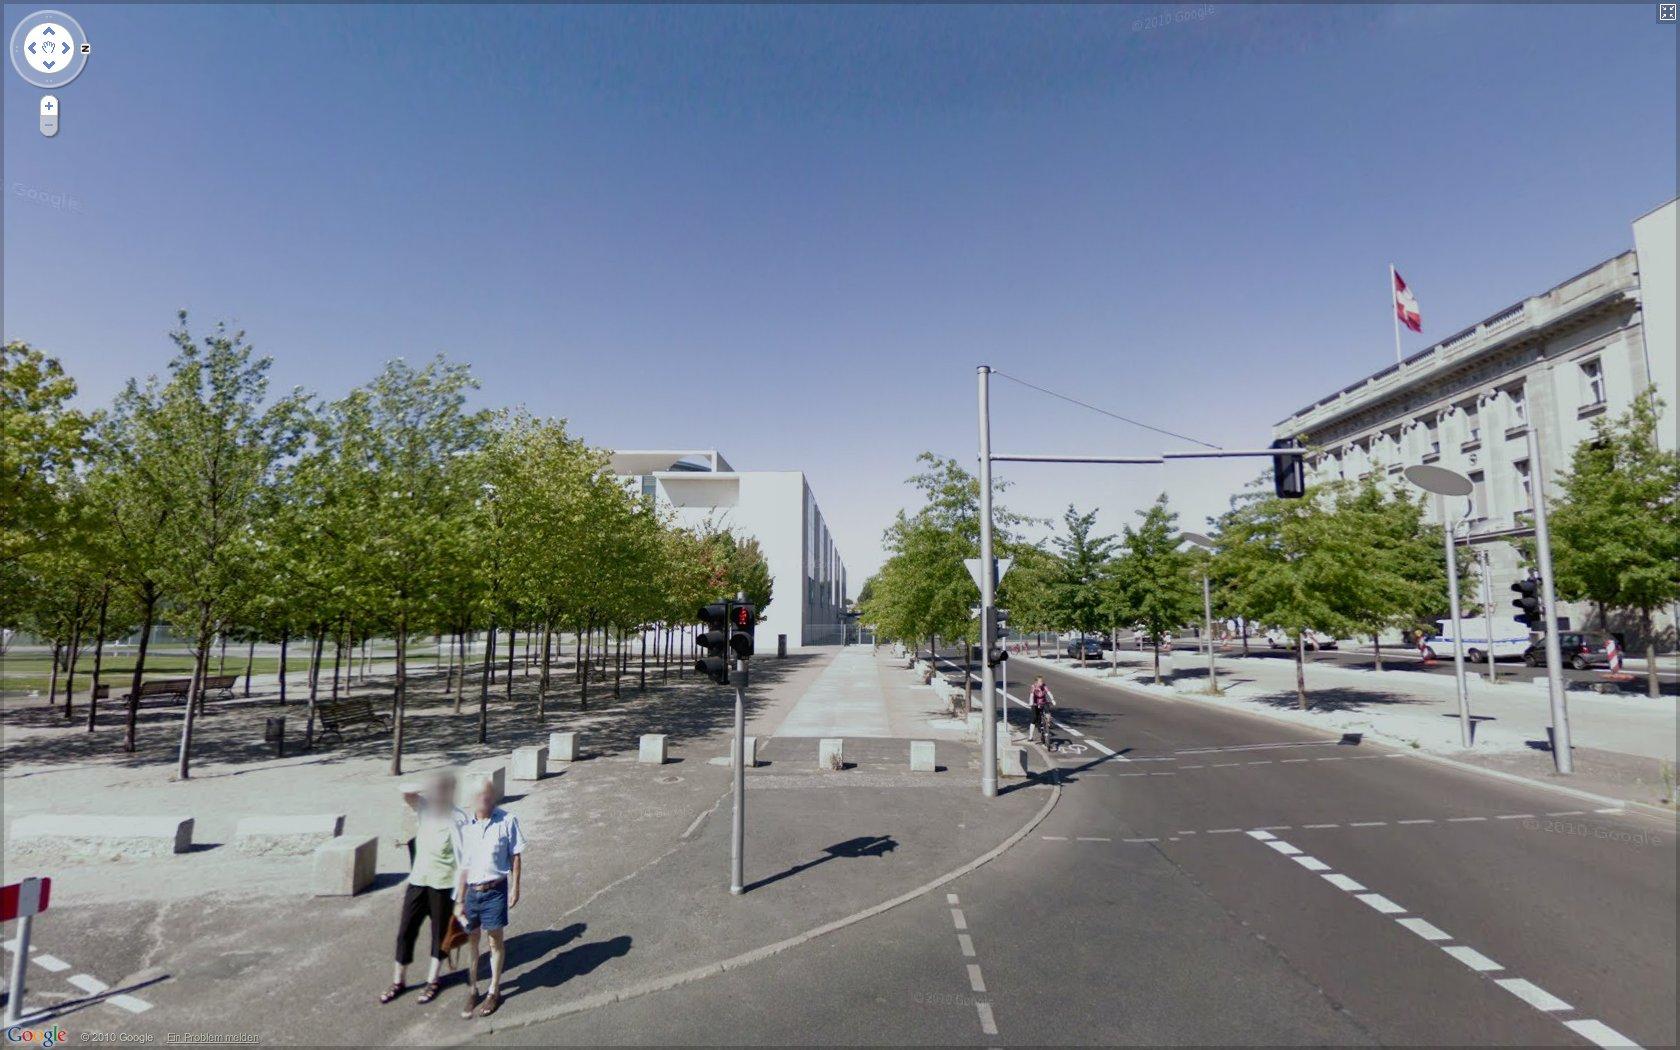 Straßenfotos: Google Street View in Deutschland gestartet - Google Street View: Regierungsviertel in Berlin